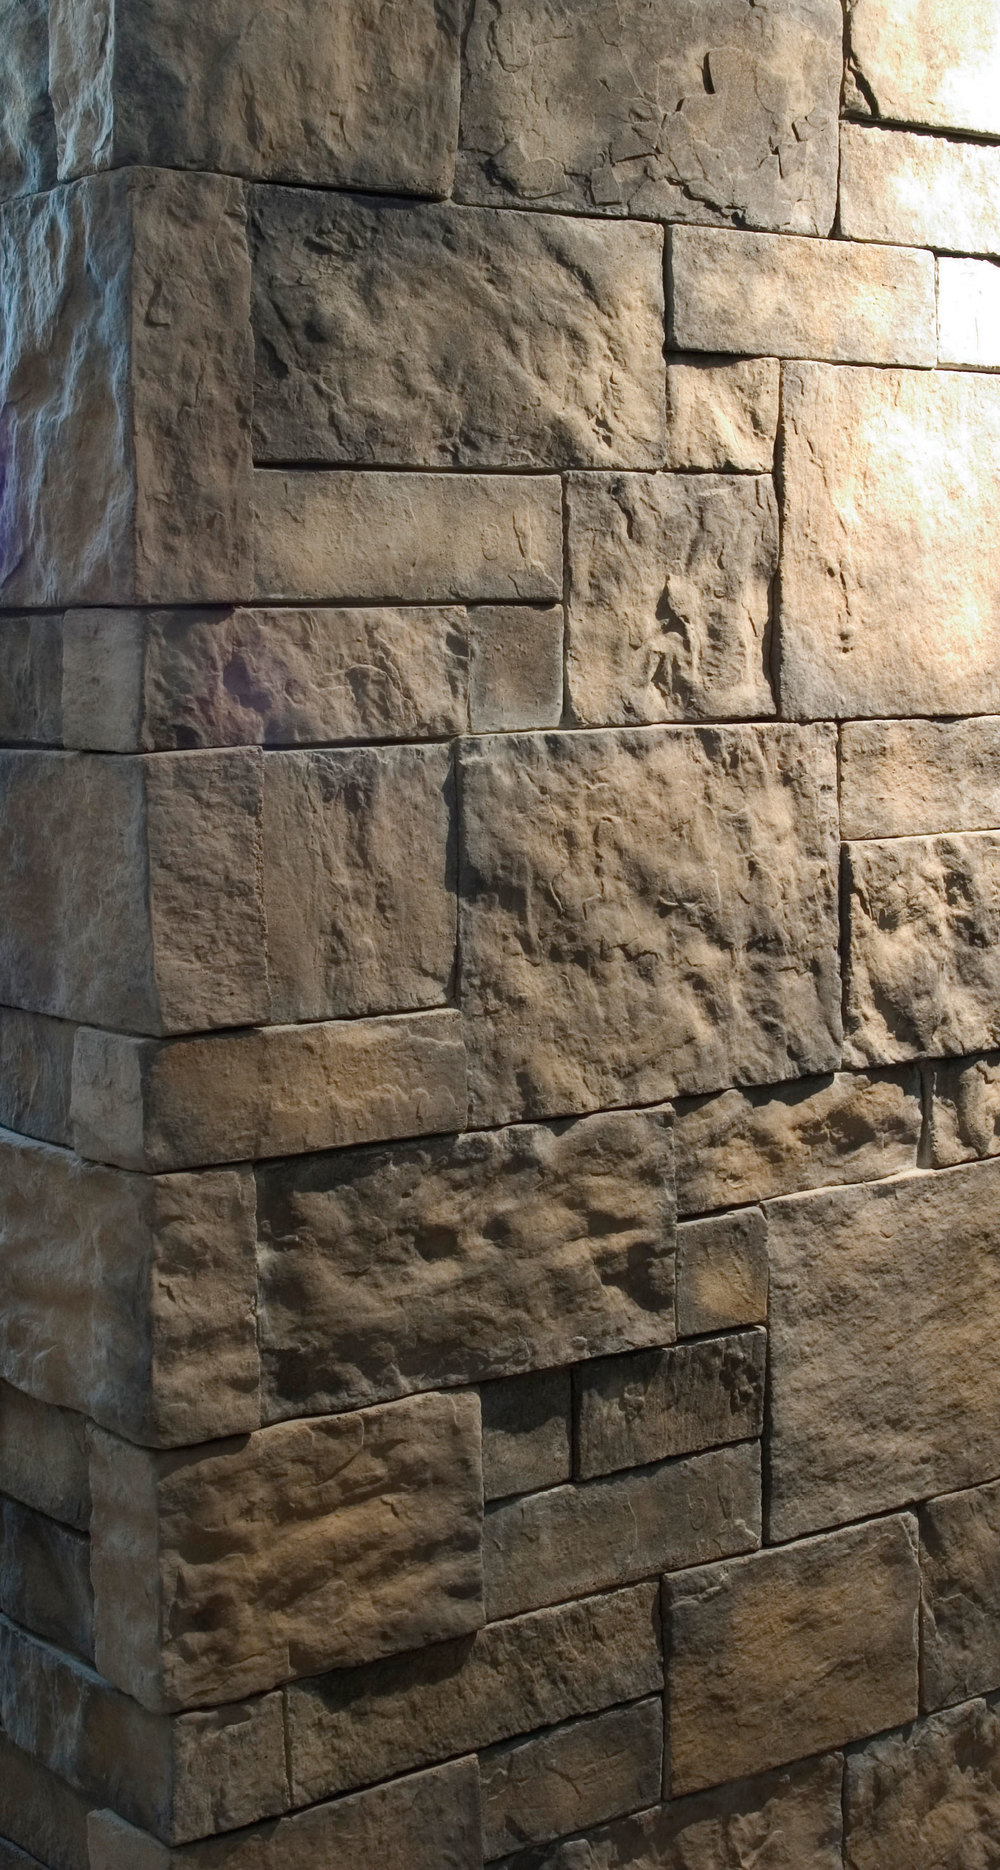 European Castle Stone Corners Rubber Mold Company